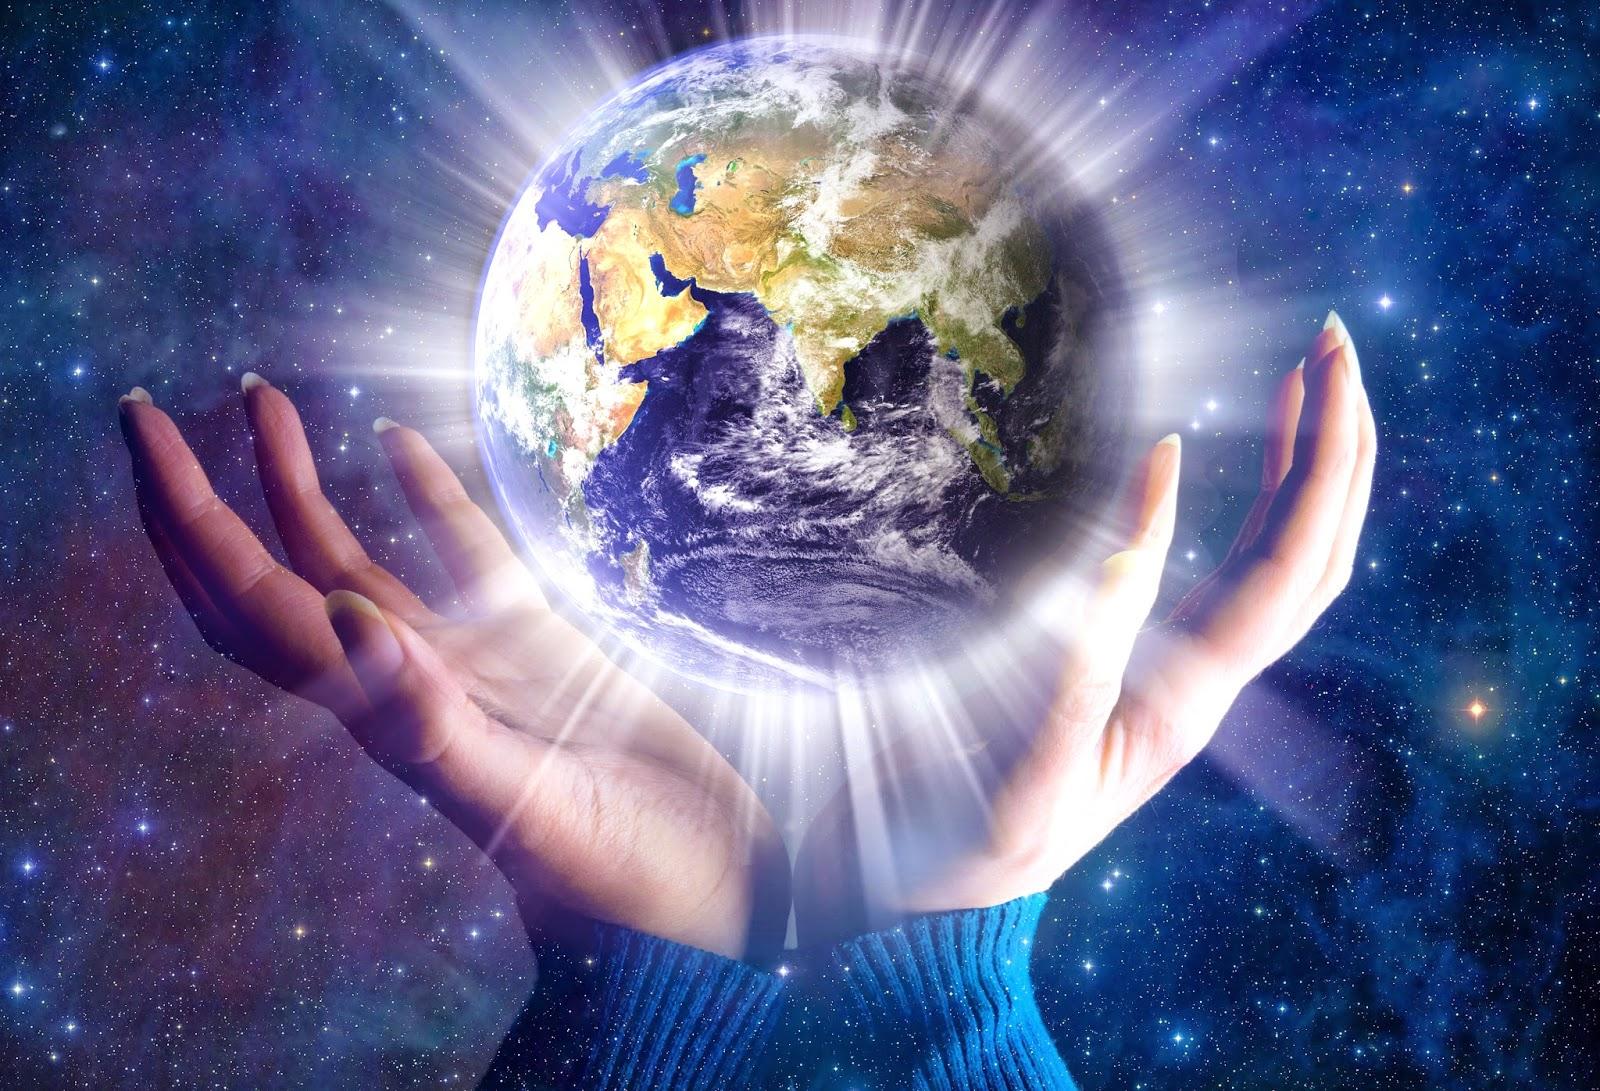 Szívhimnusz/Föld emelő ima